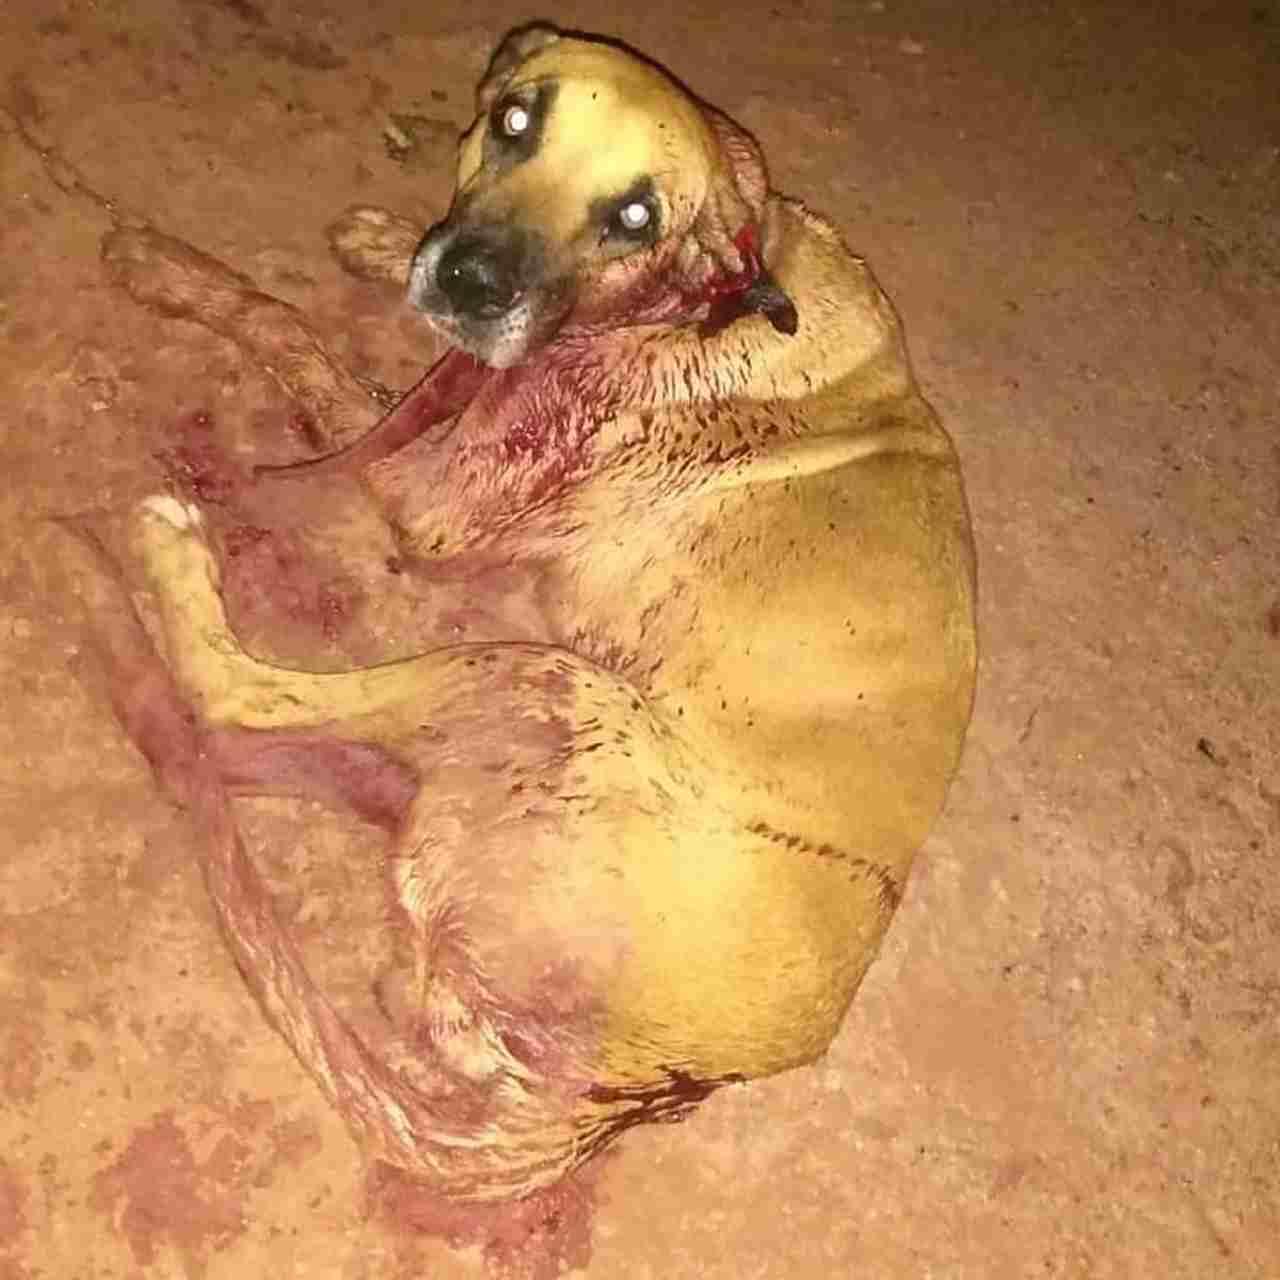 Cadela Safira ficou bastante ferida após ser golpeada com facão | Foto: ONG socorro animal